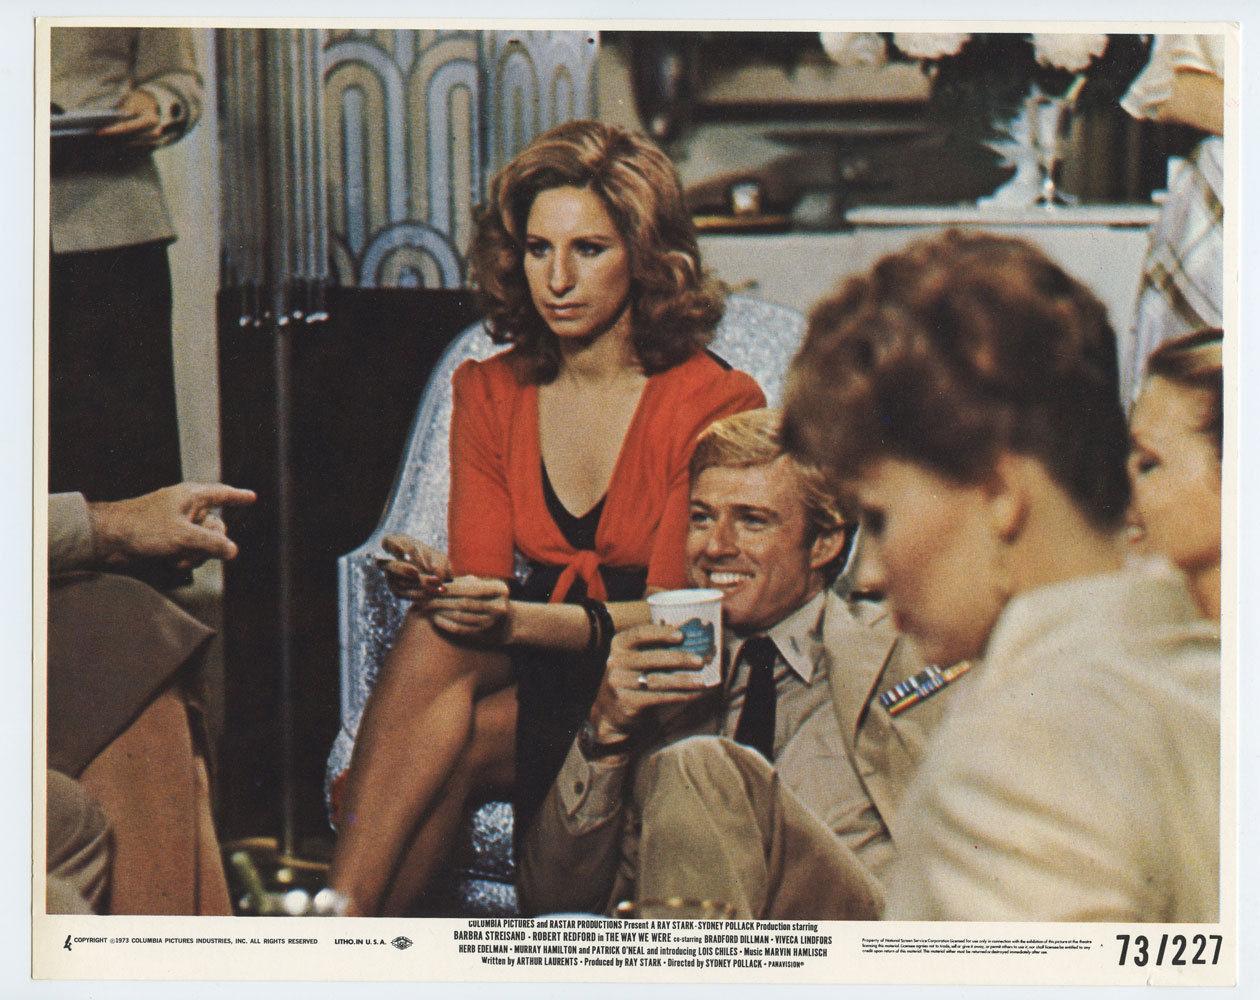 Barbra Streisand Robert Redford Photograph 1973 The Way We Were Original Vintage